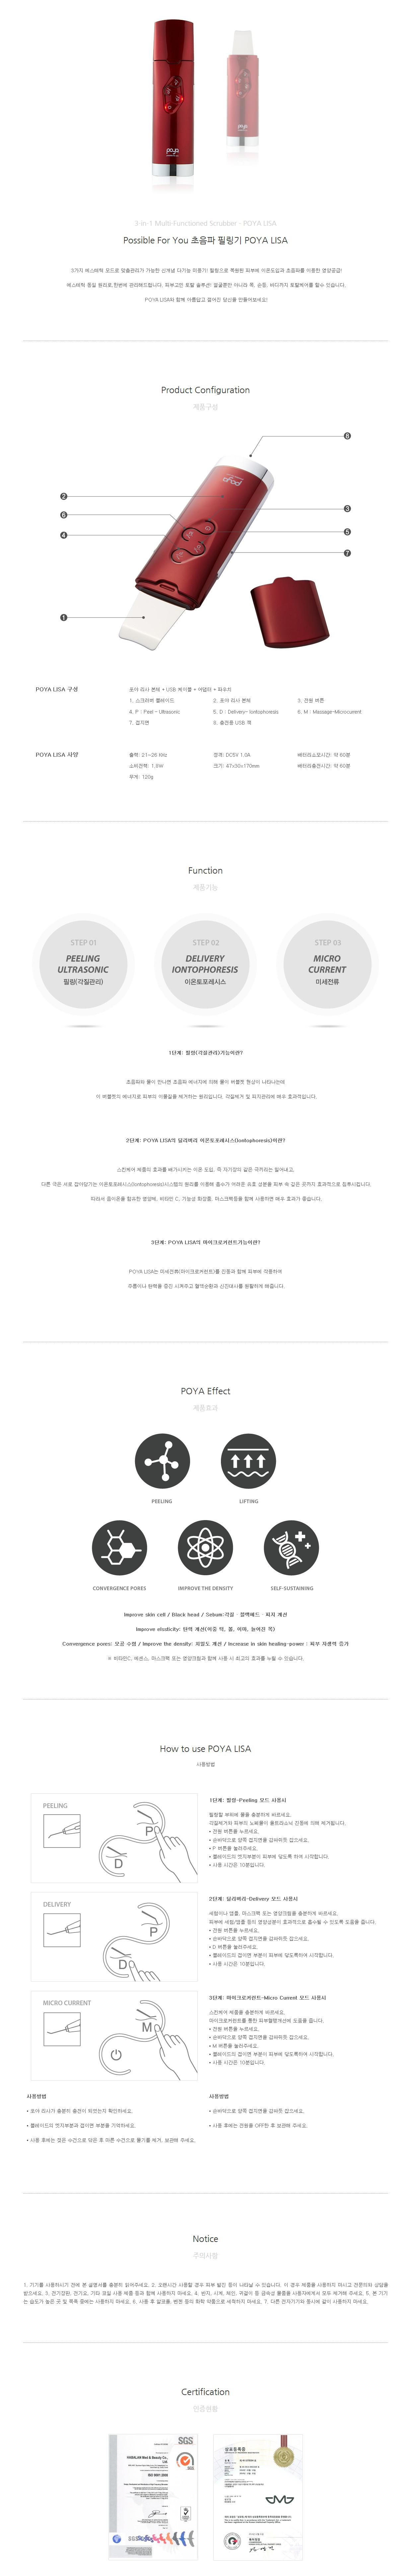 (주)하배런메디엔뷰티 초음파 필링기 POYA LISA  1